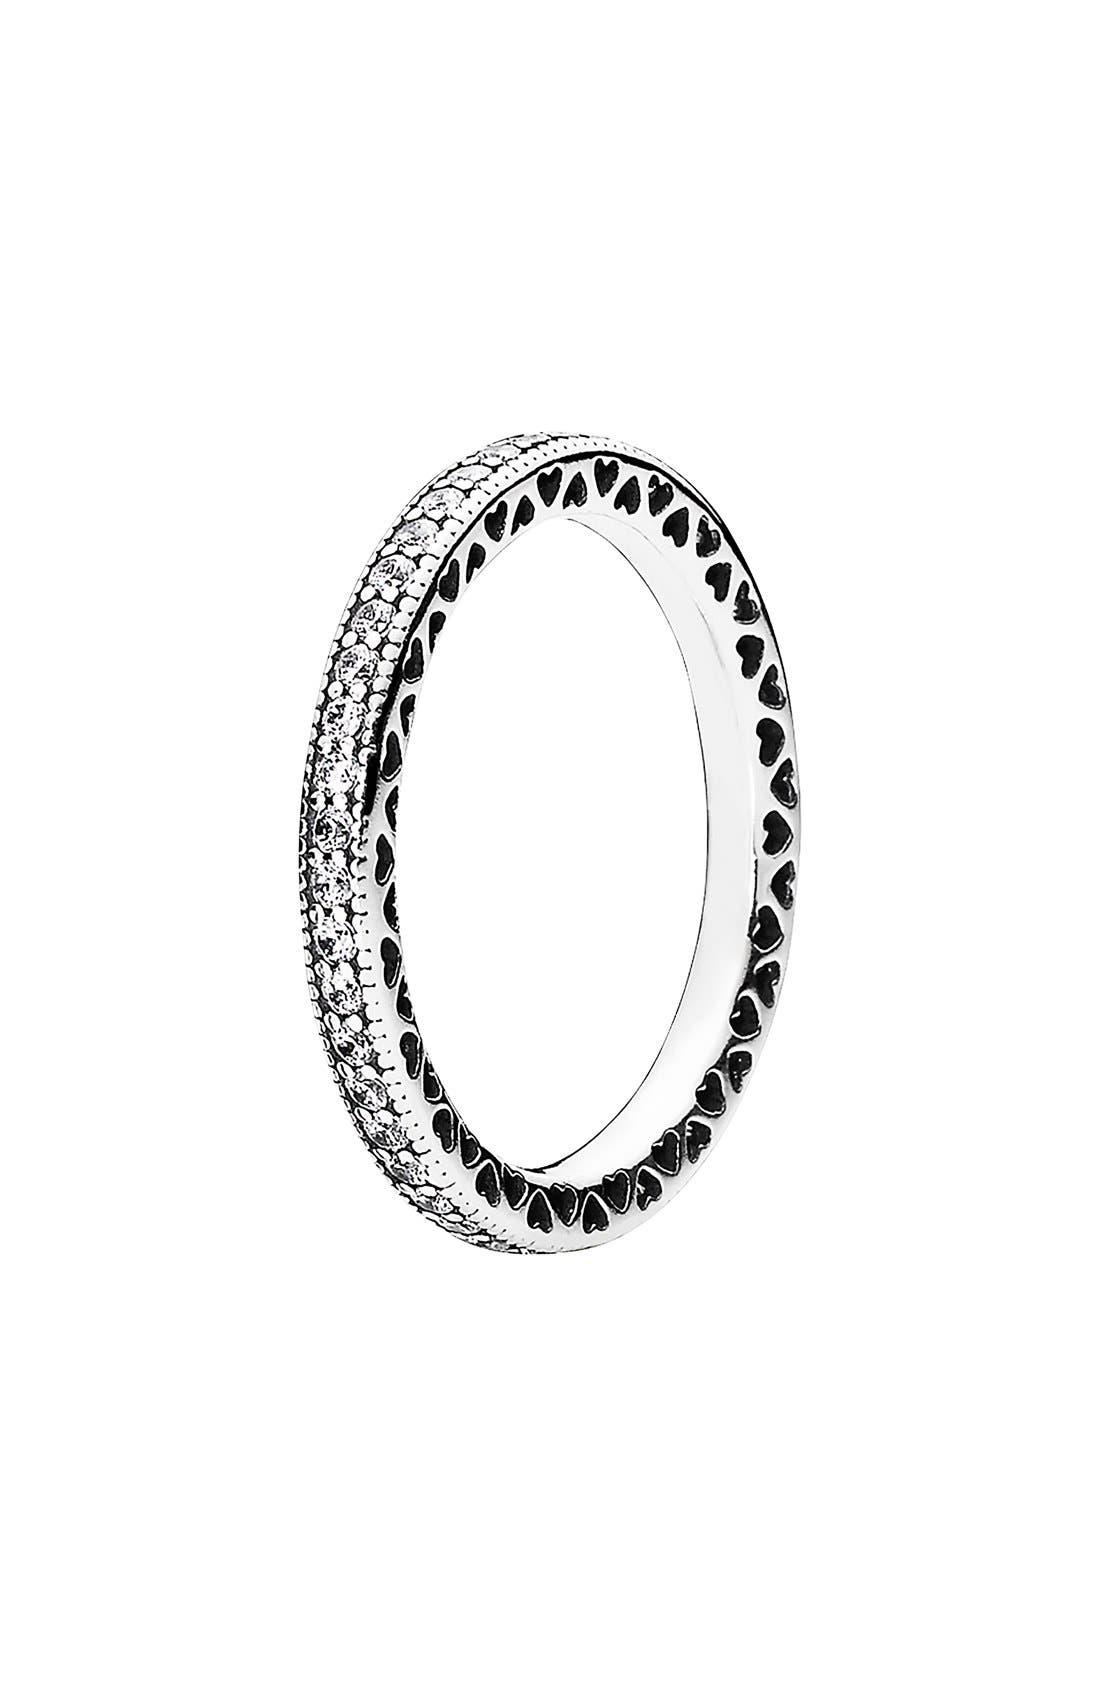 Main Image - PANDORA 'Hearts of PANDORA' Band Ring